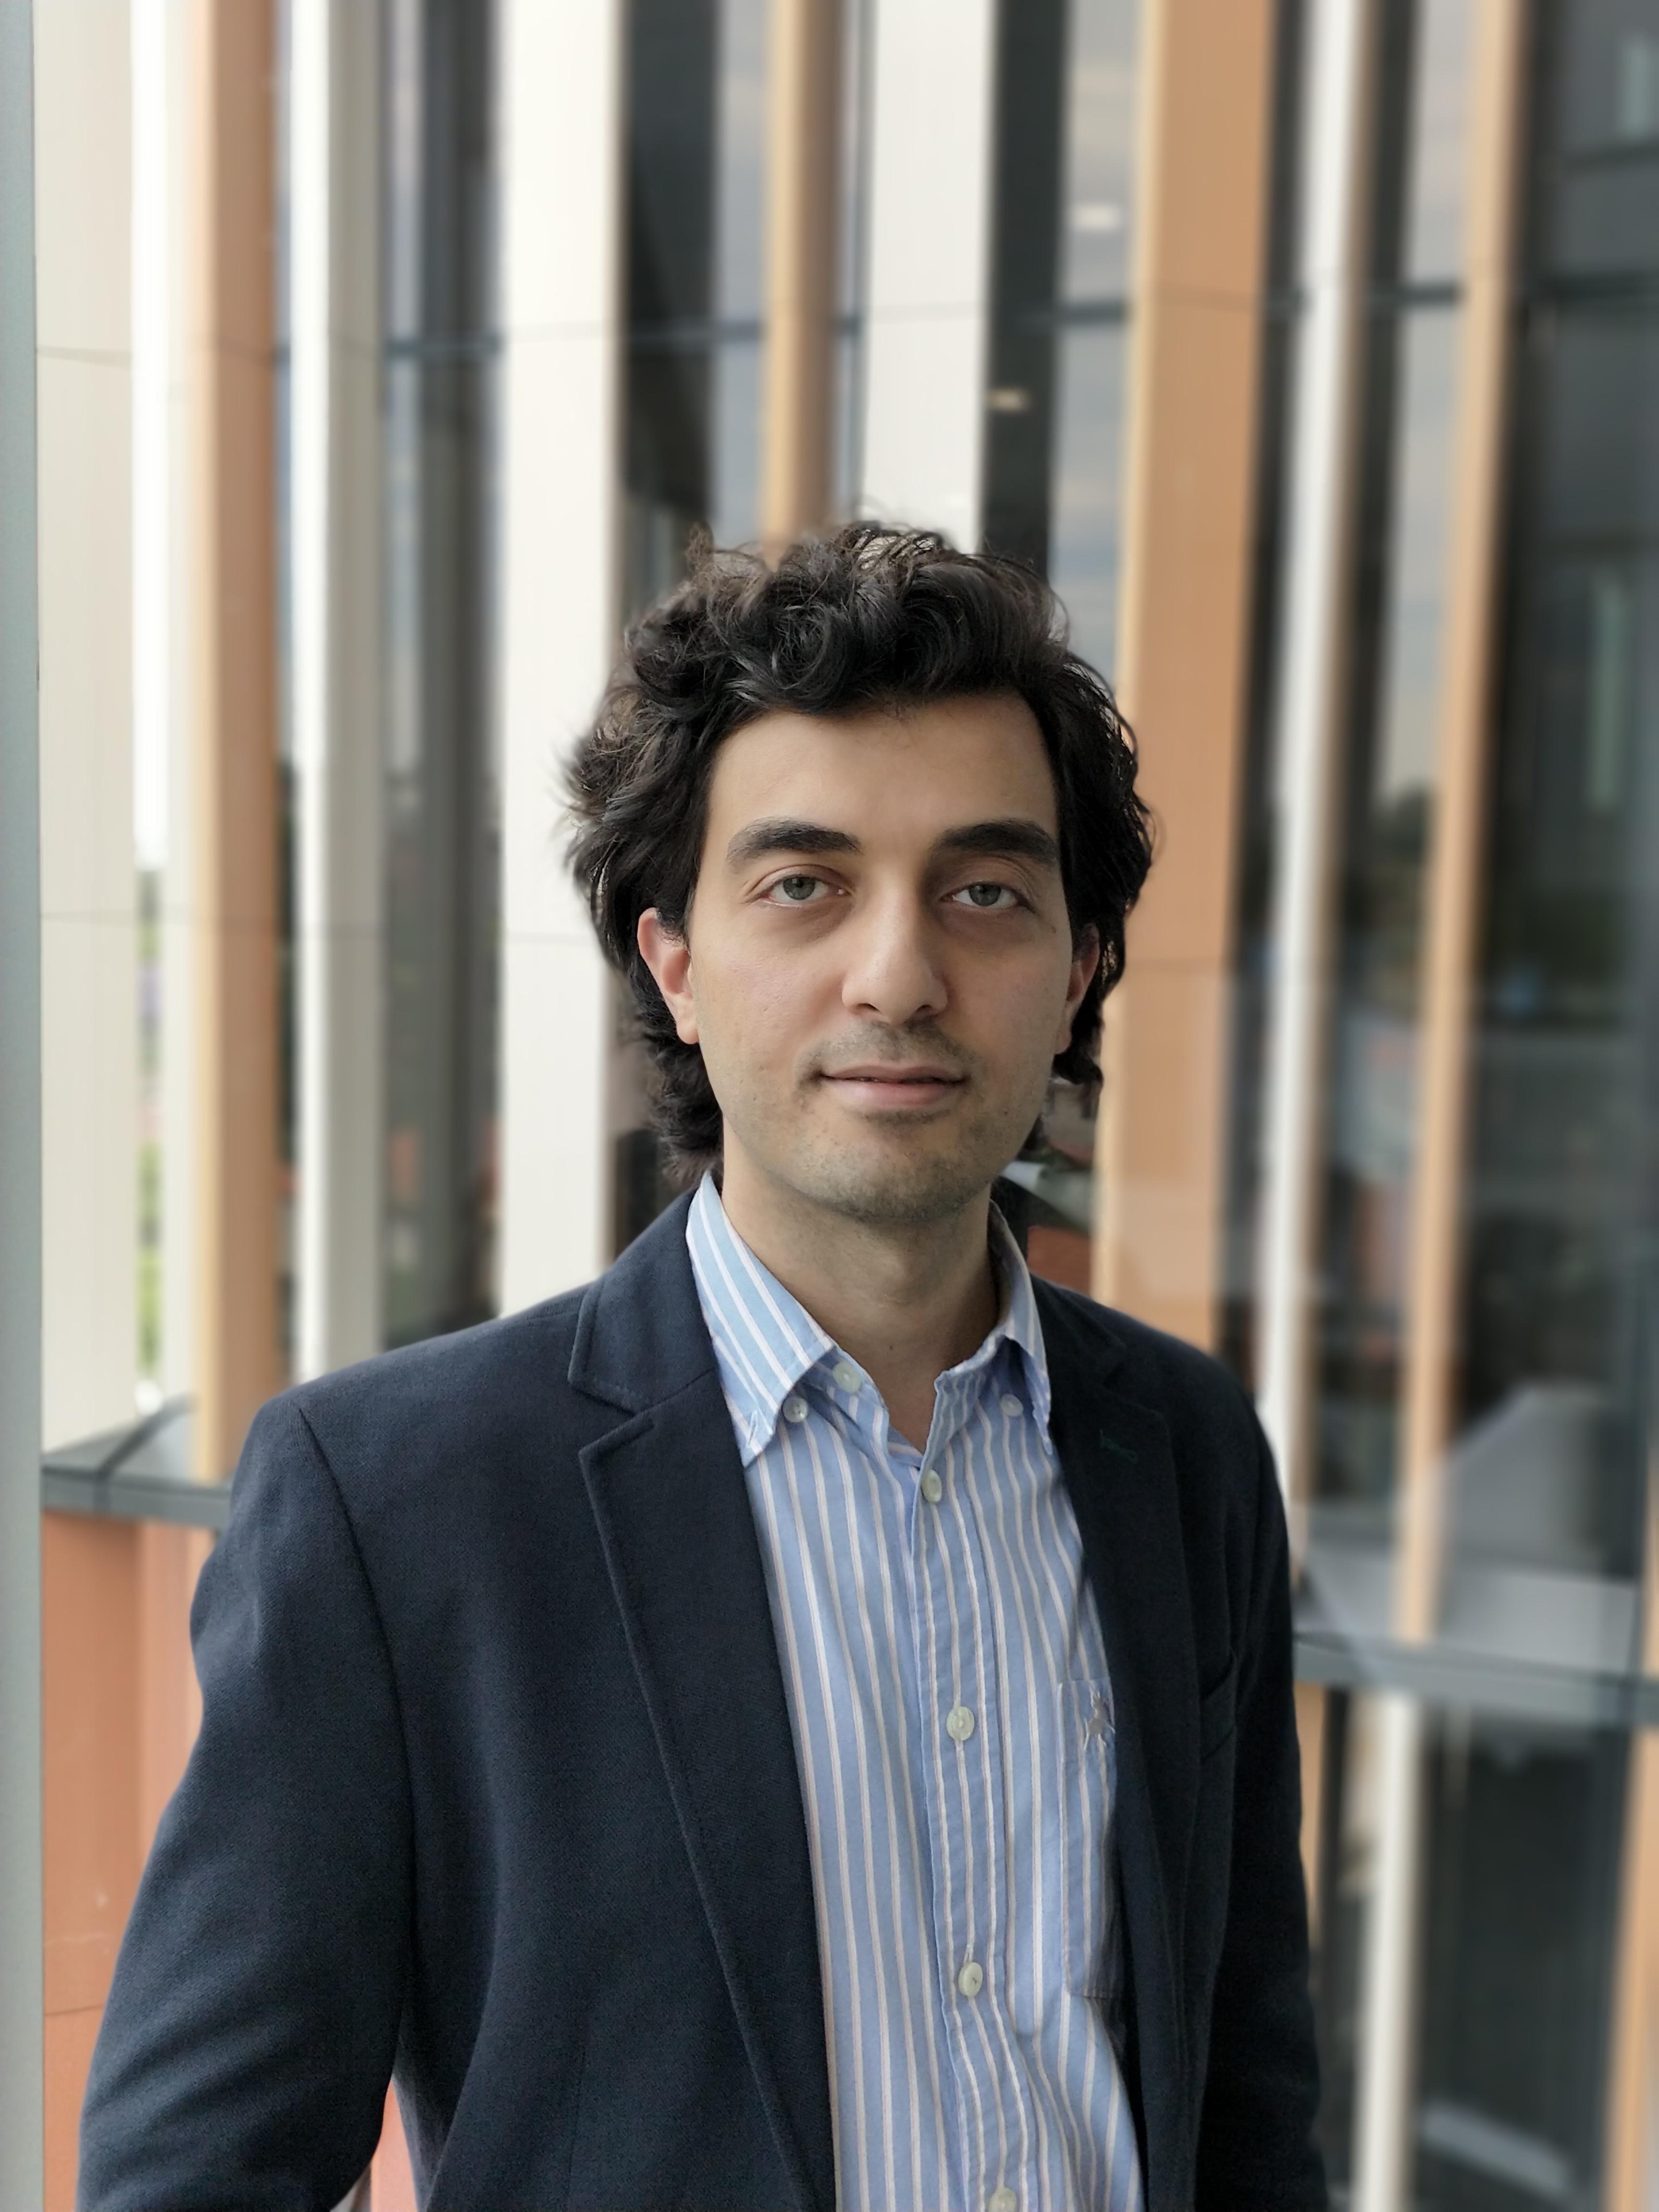 Associate Professor Nadeem Omar Kaakoush